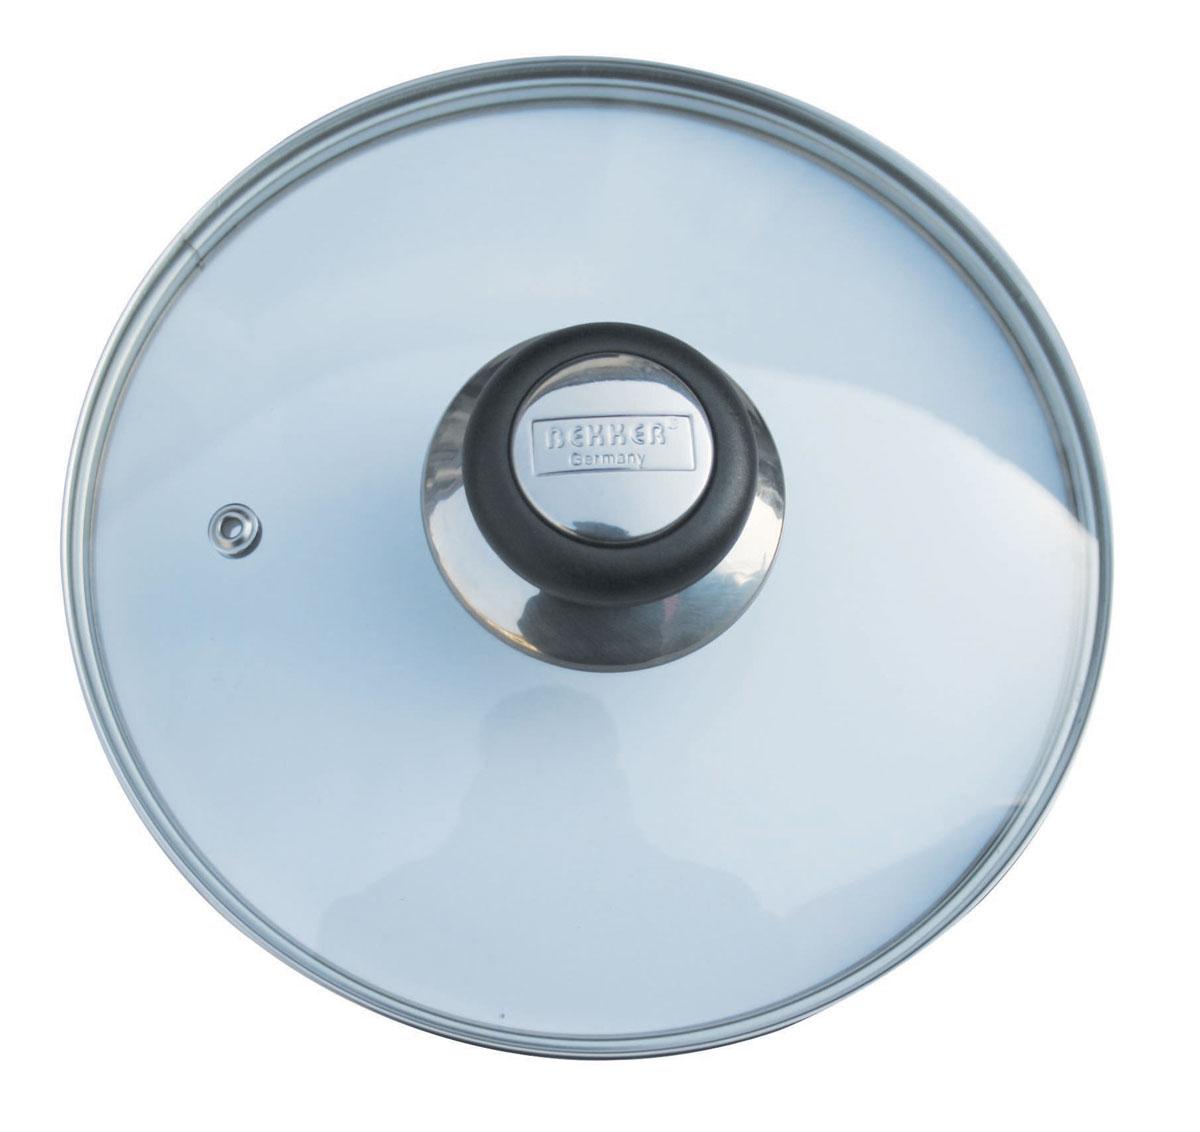 Крышка стеклянная Bekker. Диаметр 16 смBK-5407Крышка Bekker изготовлена из прозрачного термостойкого стекла. Обод, выполненный из высококачественной нержавеющей стали, защищает крышку от повреждений. Ручка из бакелита черного цвета защищает ваши руки от высоких температур. Крышка удобна в использовании, позволяет контролировать процесс приготовления пищи. Имеется отверстие для выпуска пара.